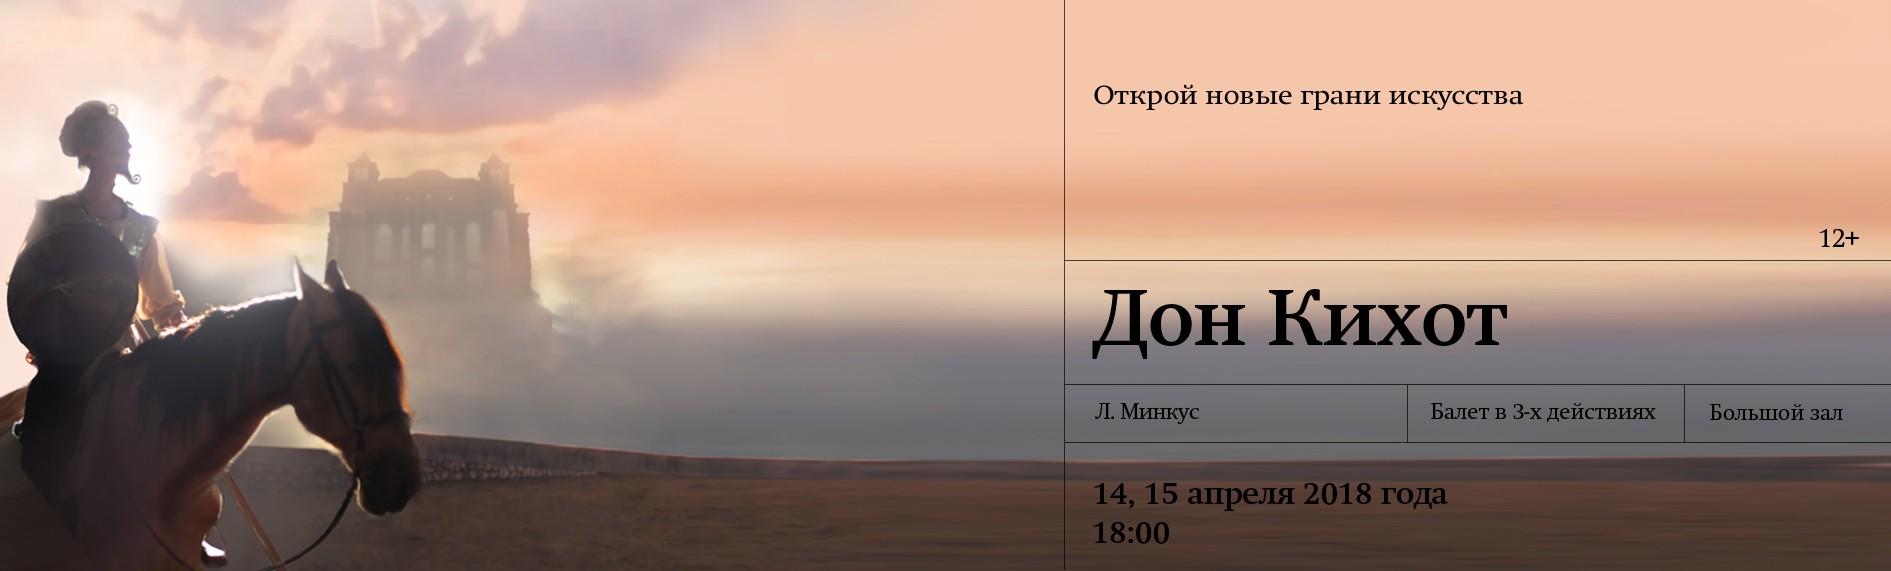 Дон Кихот апрель